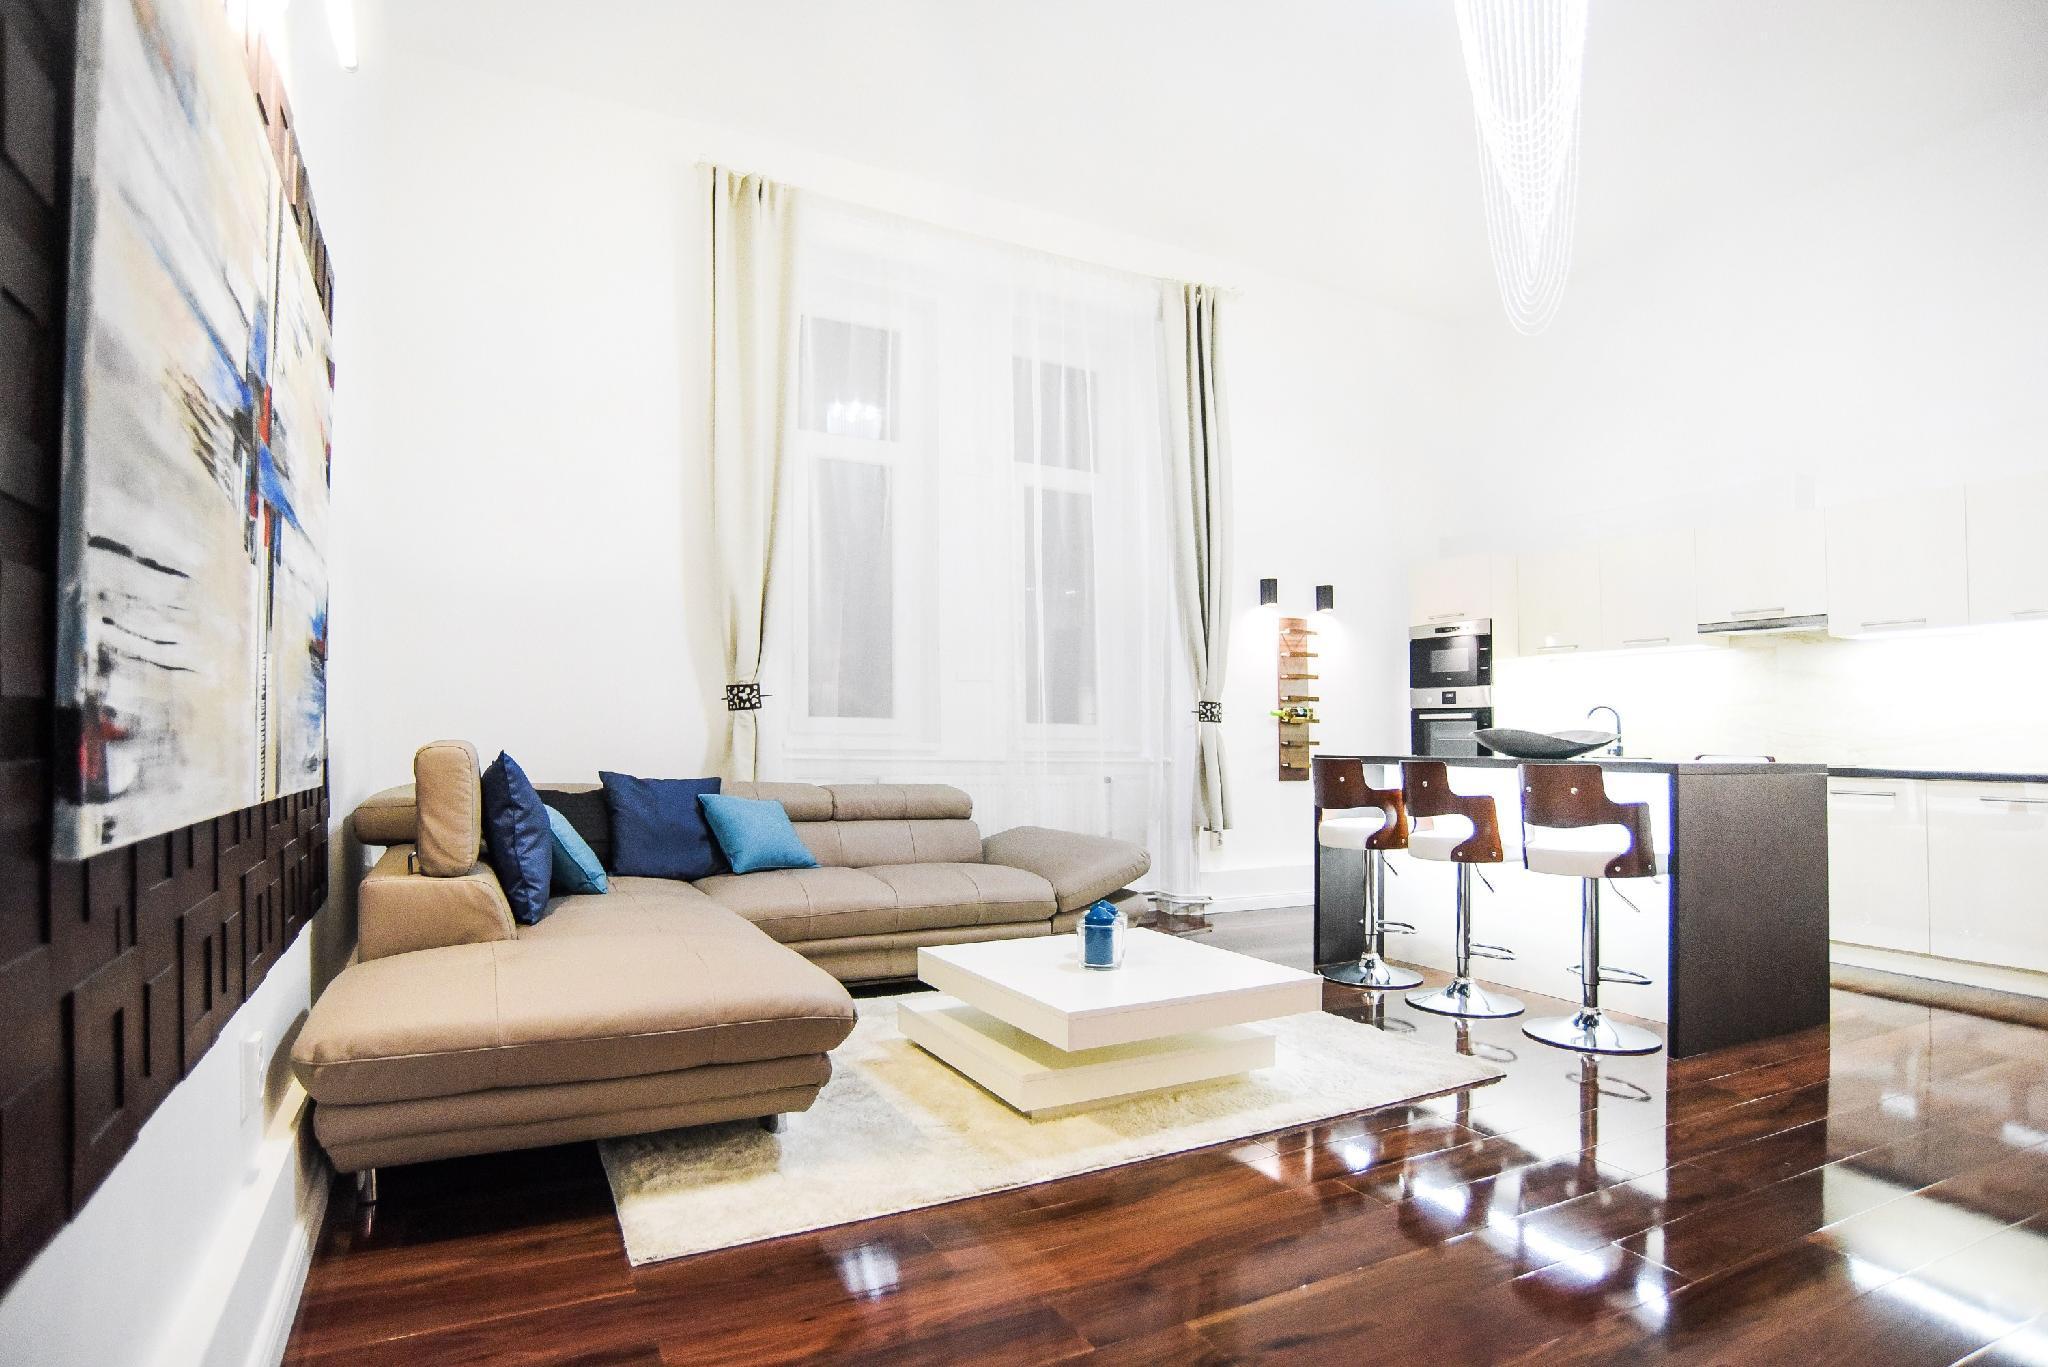 Italian Luxury Apt In C.CENTER W A C